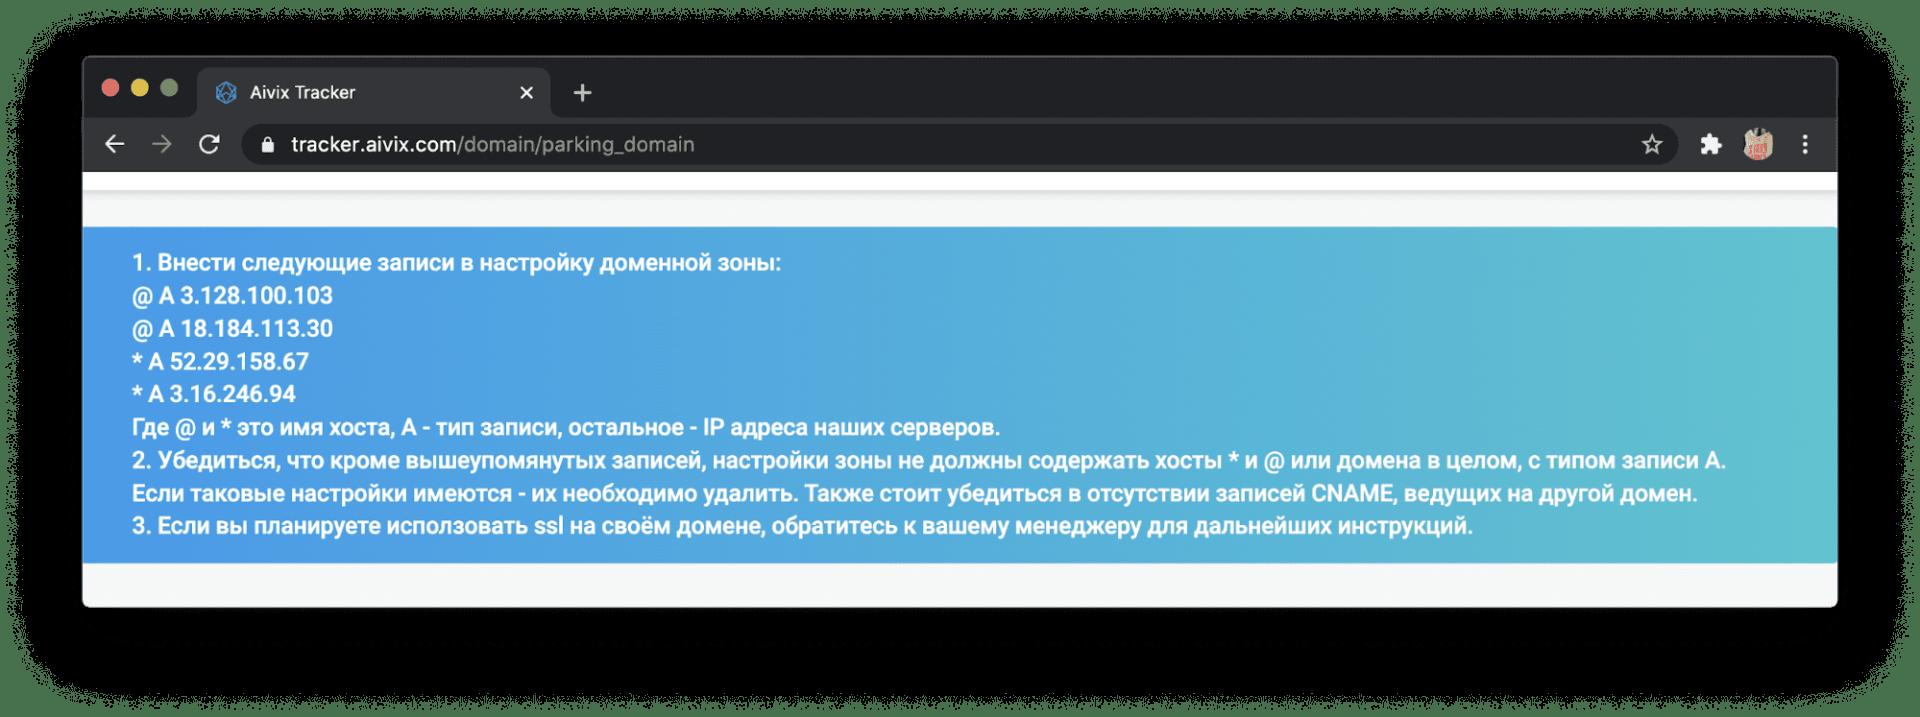 Aivix обзор пп